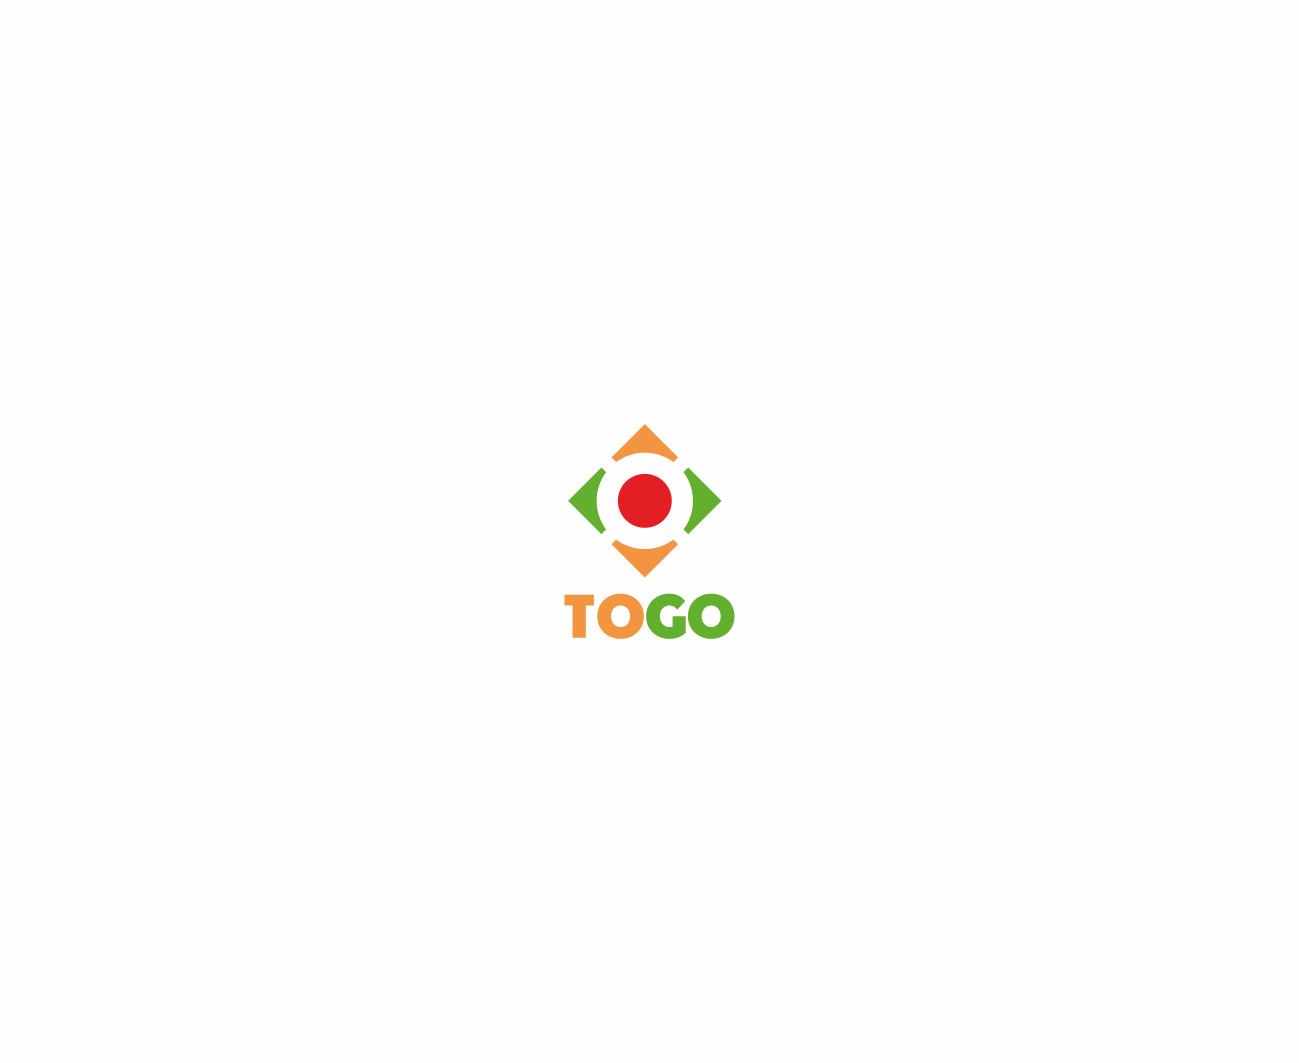 Разработать логотип и экран загрузки приложения фото f_0655a8585319a4ec.png